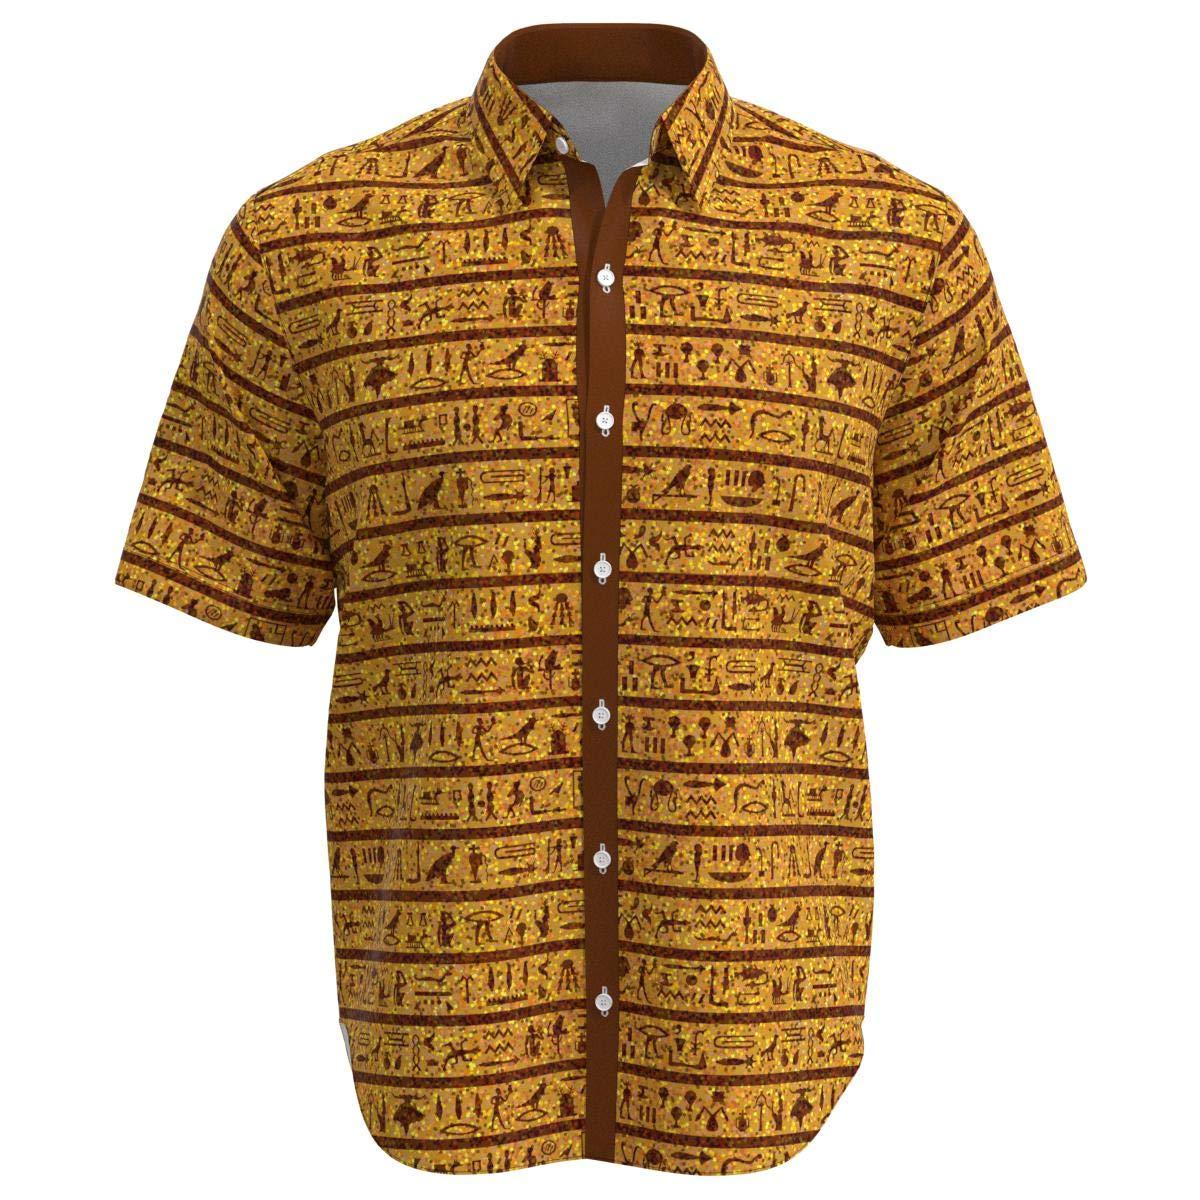 EightyThree XYZ Egyptian Ancient Hieroglyphs Men Short Sleeve Button Shirt Size XS-3XL